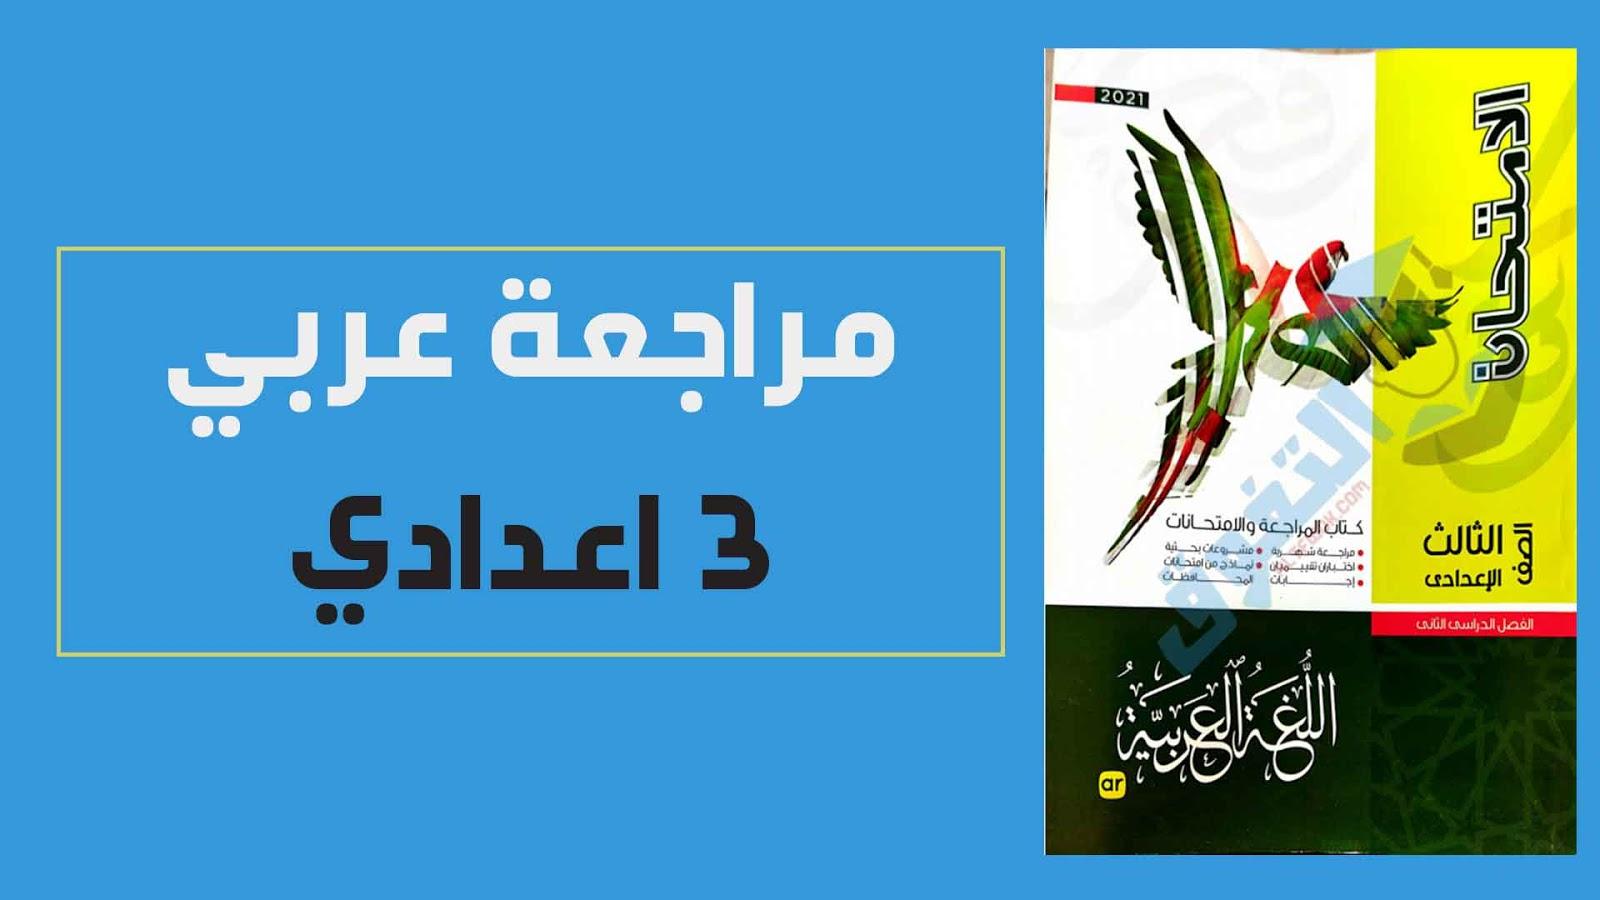 تحميل كتاب الامتحان فى اللغة العربية للصف الثالث الاعدادى الترم الثانى 2021 pdf ( كتاب المراجعة المستمرة والامتحانات)